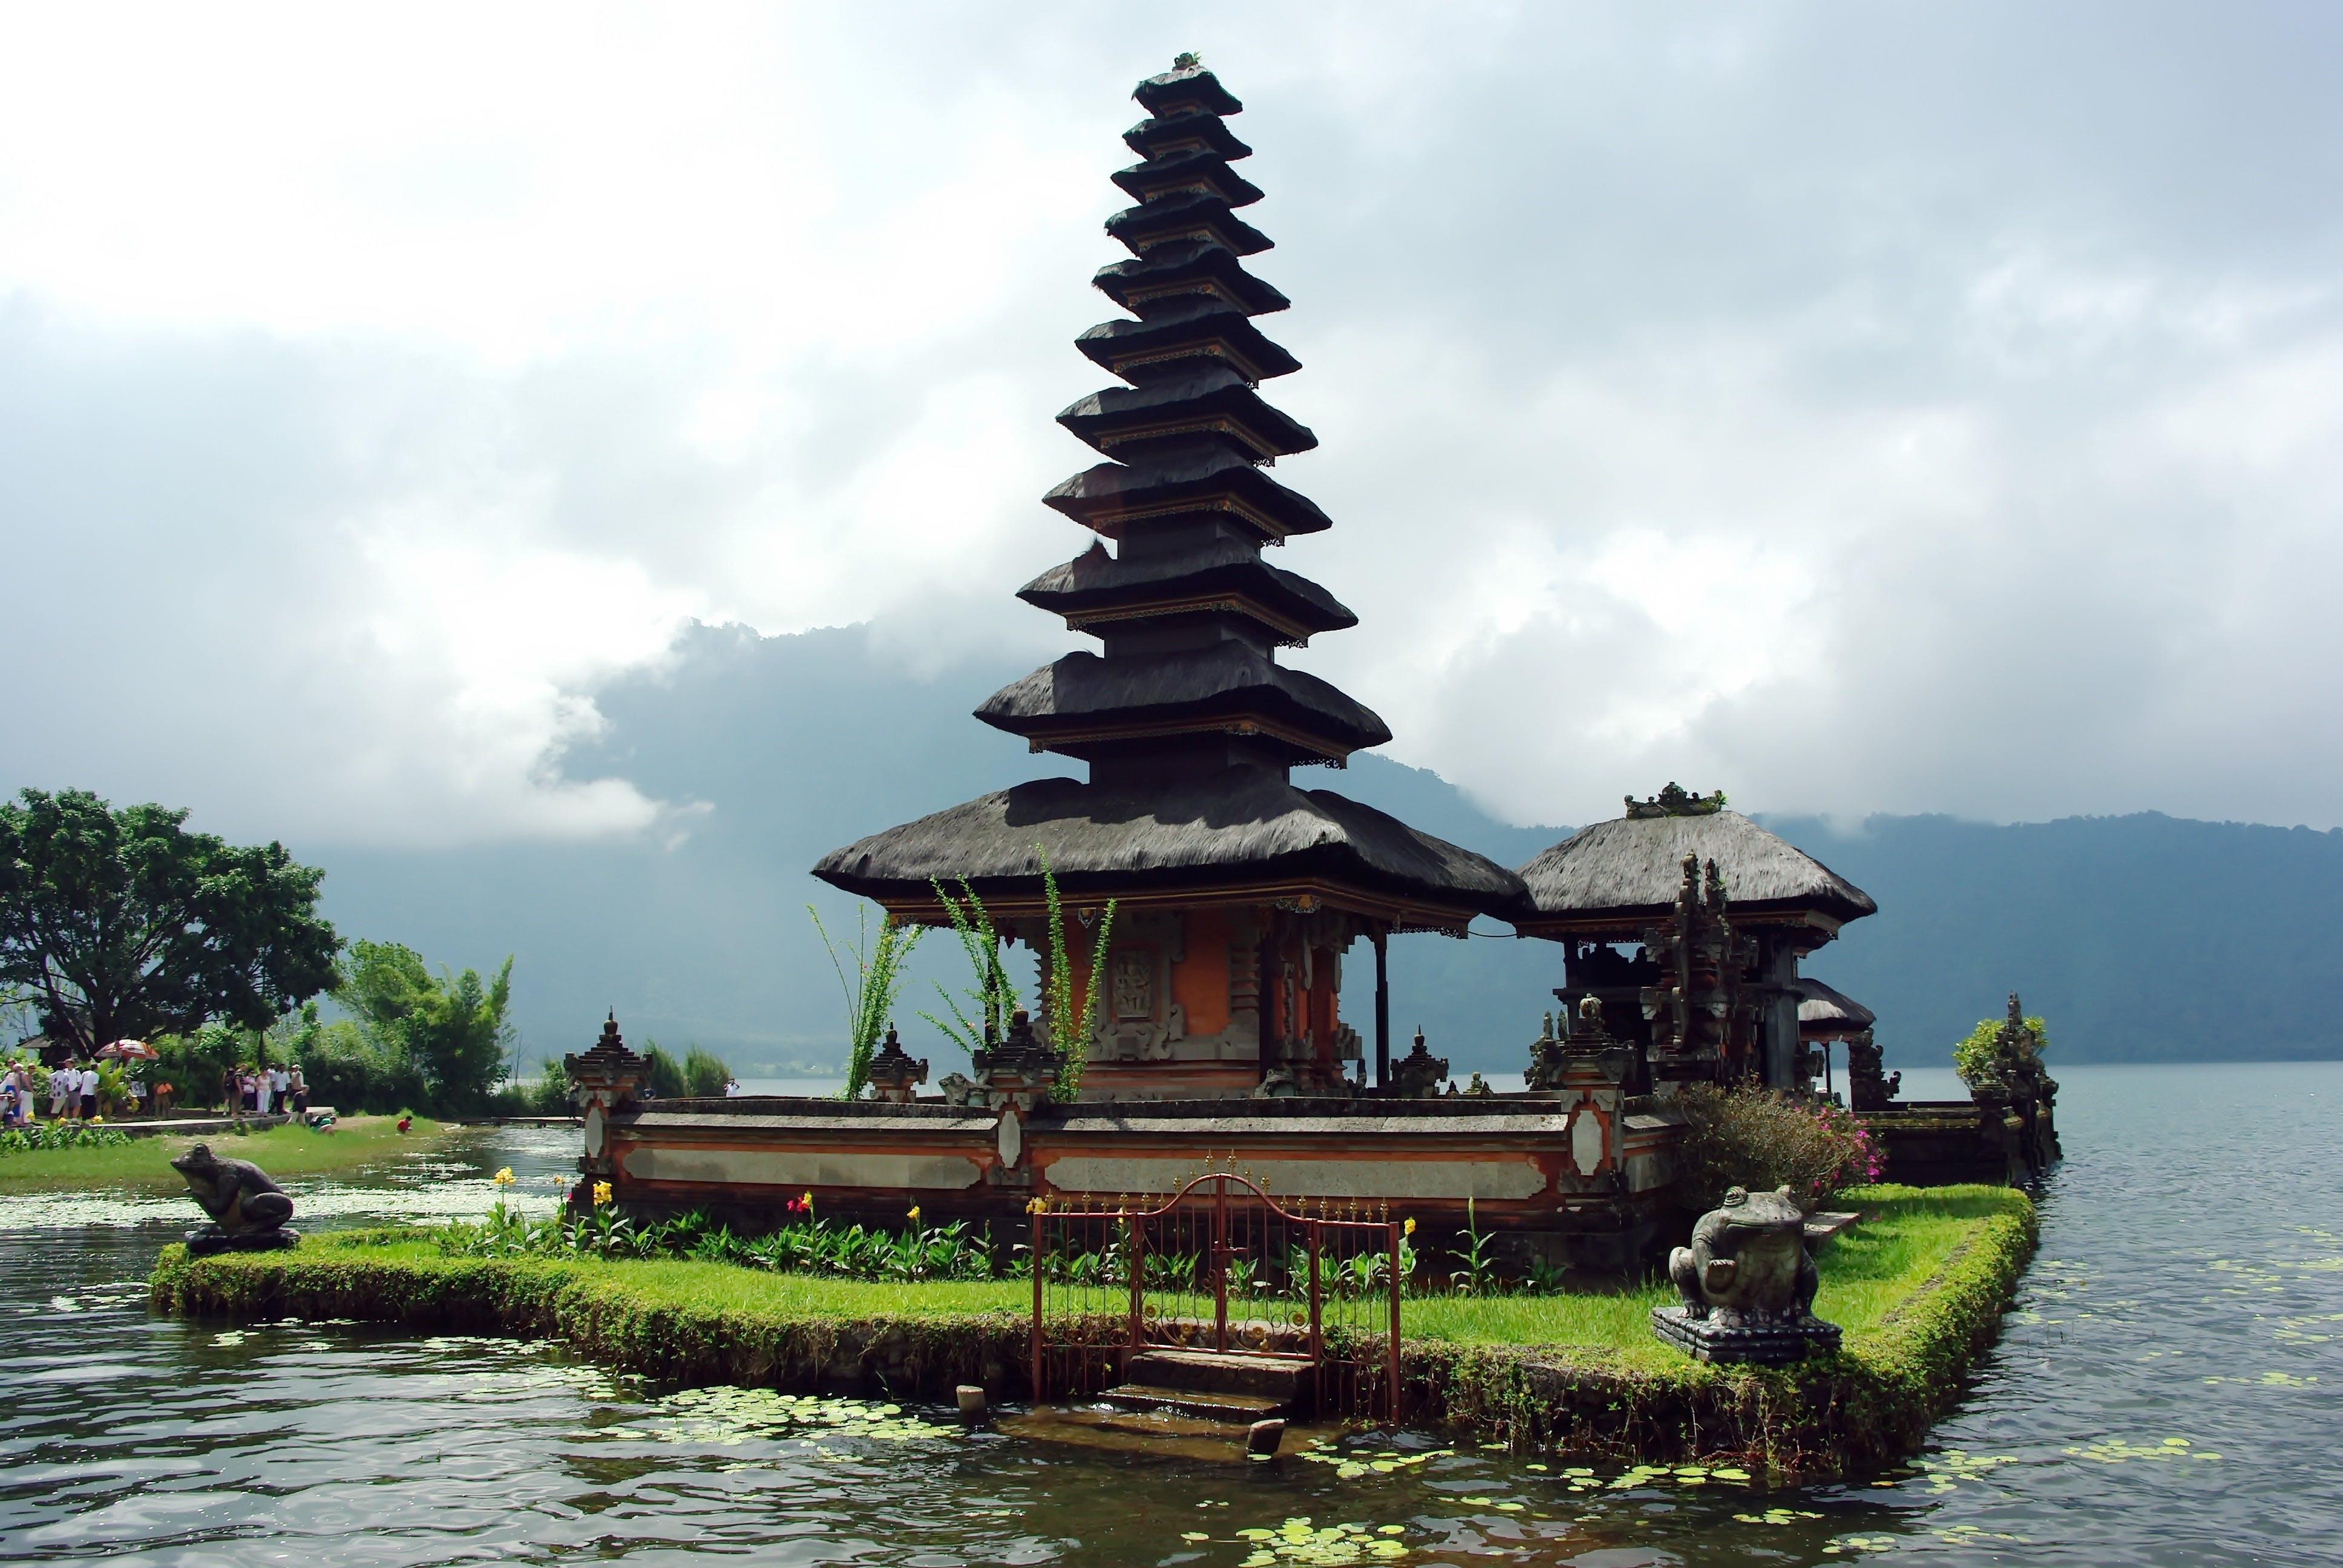 Free stock photo of bali, bratan lake, indonesia, religion